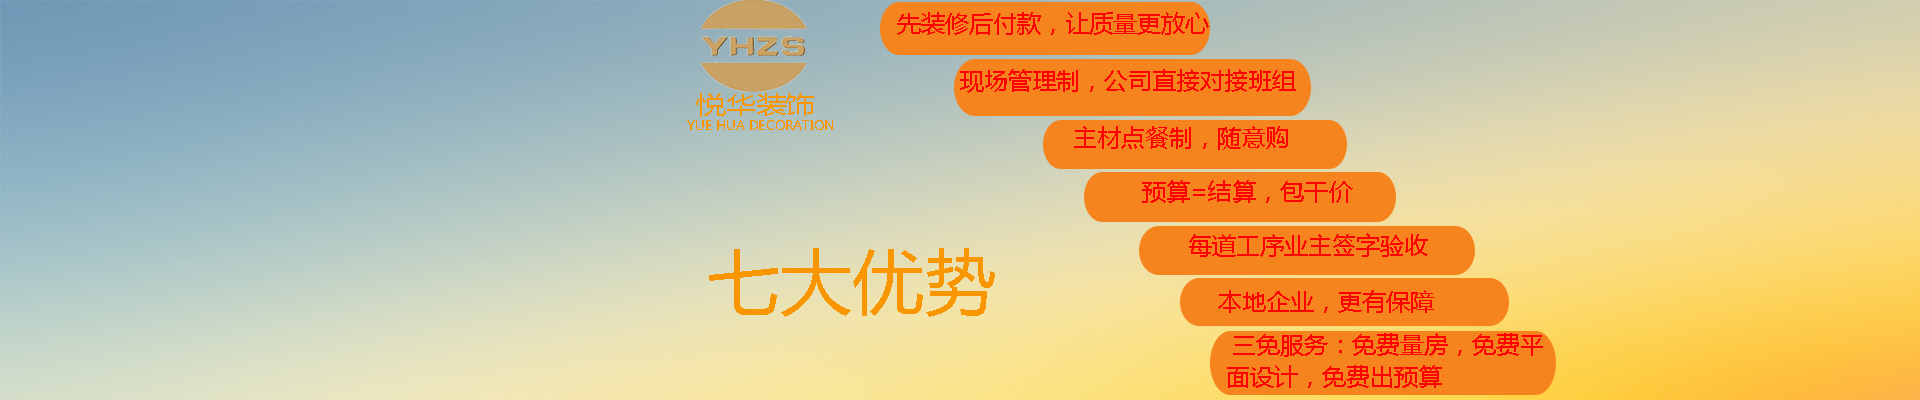 赣州悦华装饰工程有限公司